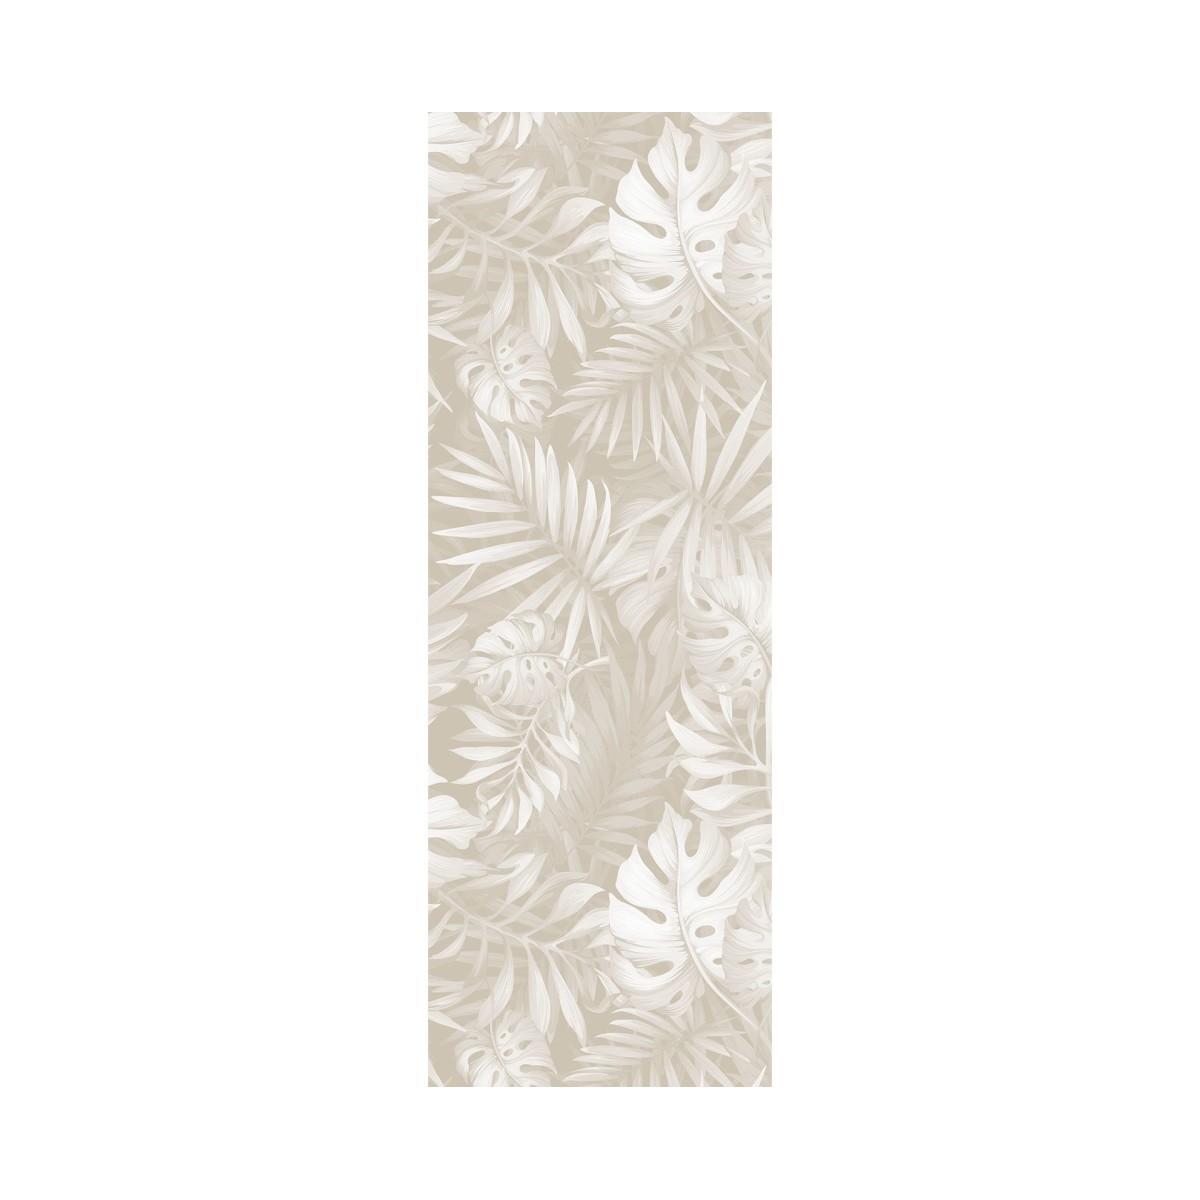 Фотообои МИР Тропические листья MIR-12012-V4 380х270 см